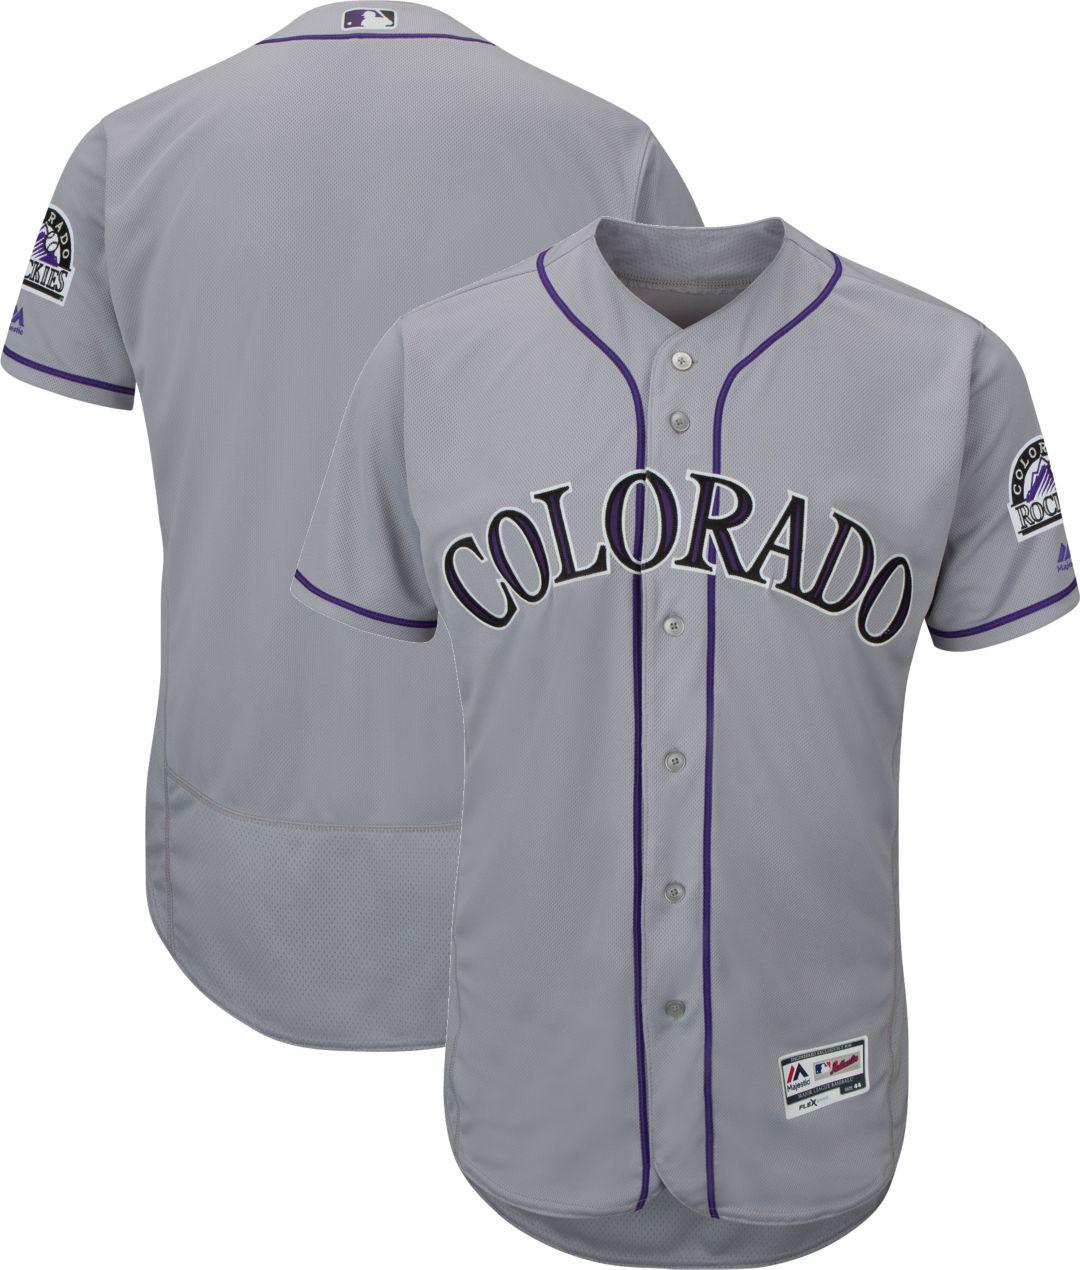 Colorado Rockies Baseball Colorado Jersey Jersey Rockies Baseball Rockies Colorado Baseball Jersey